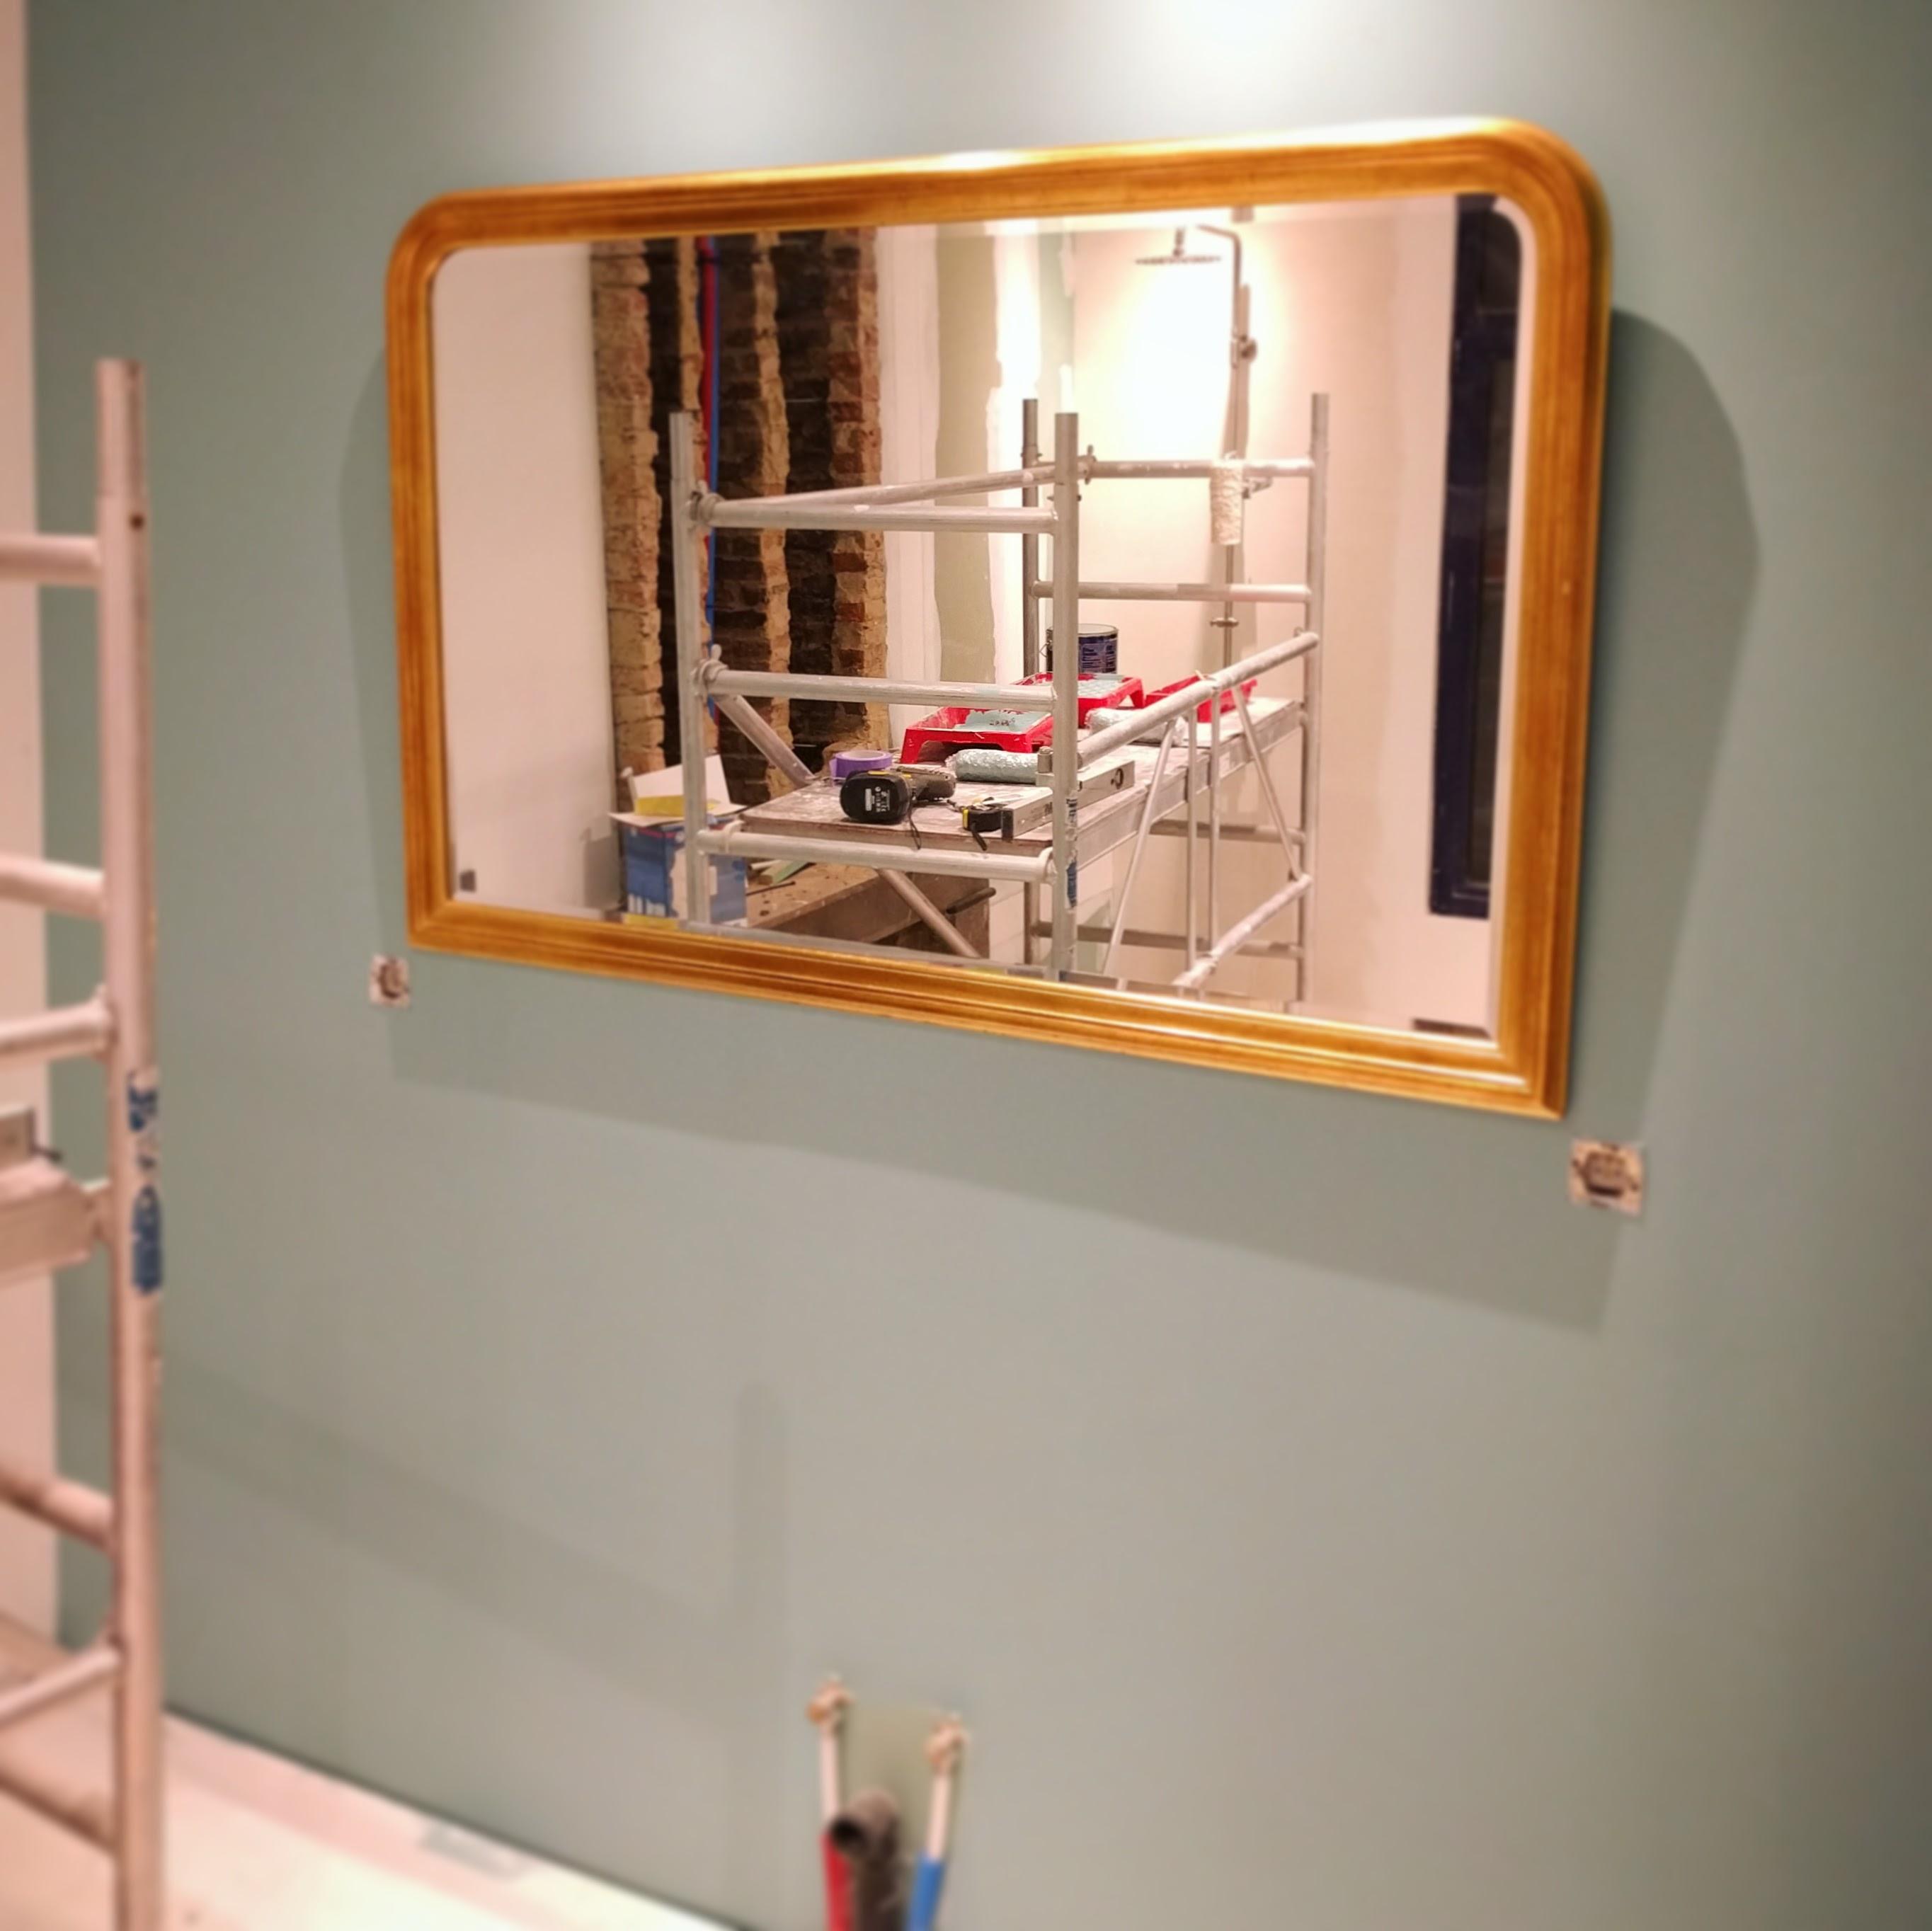 spiegel badkamer www.gerhildemaakt.be